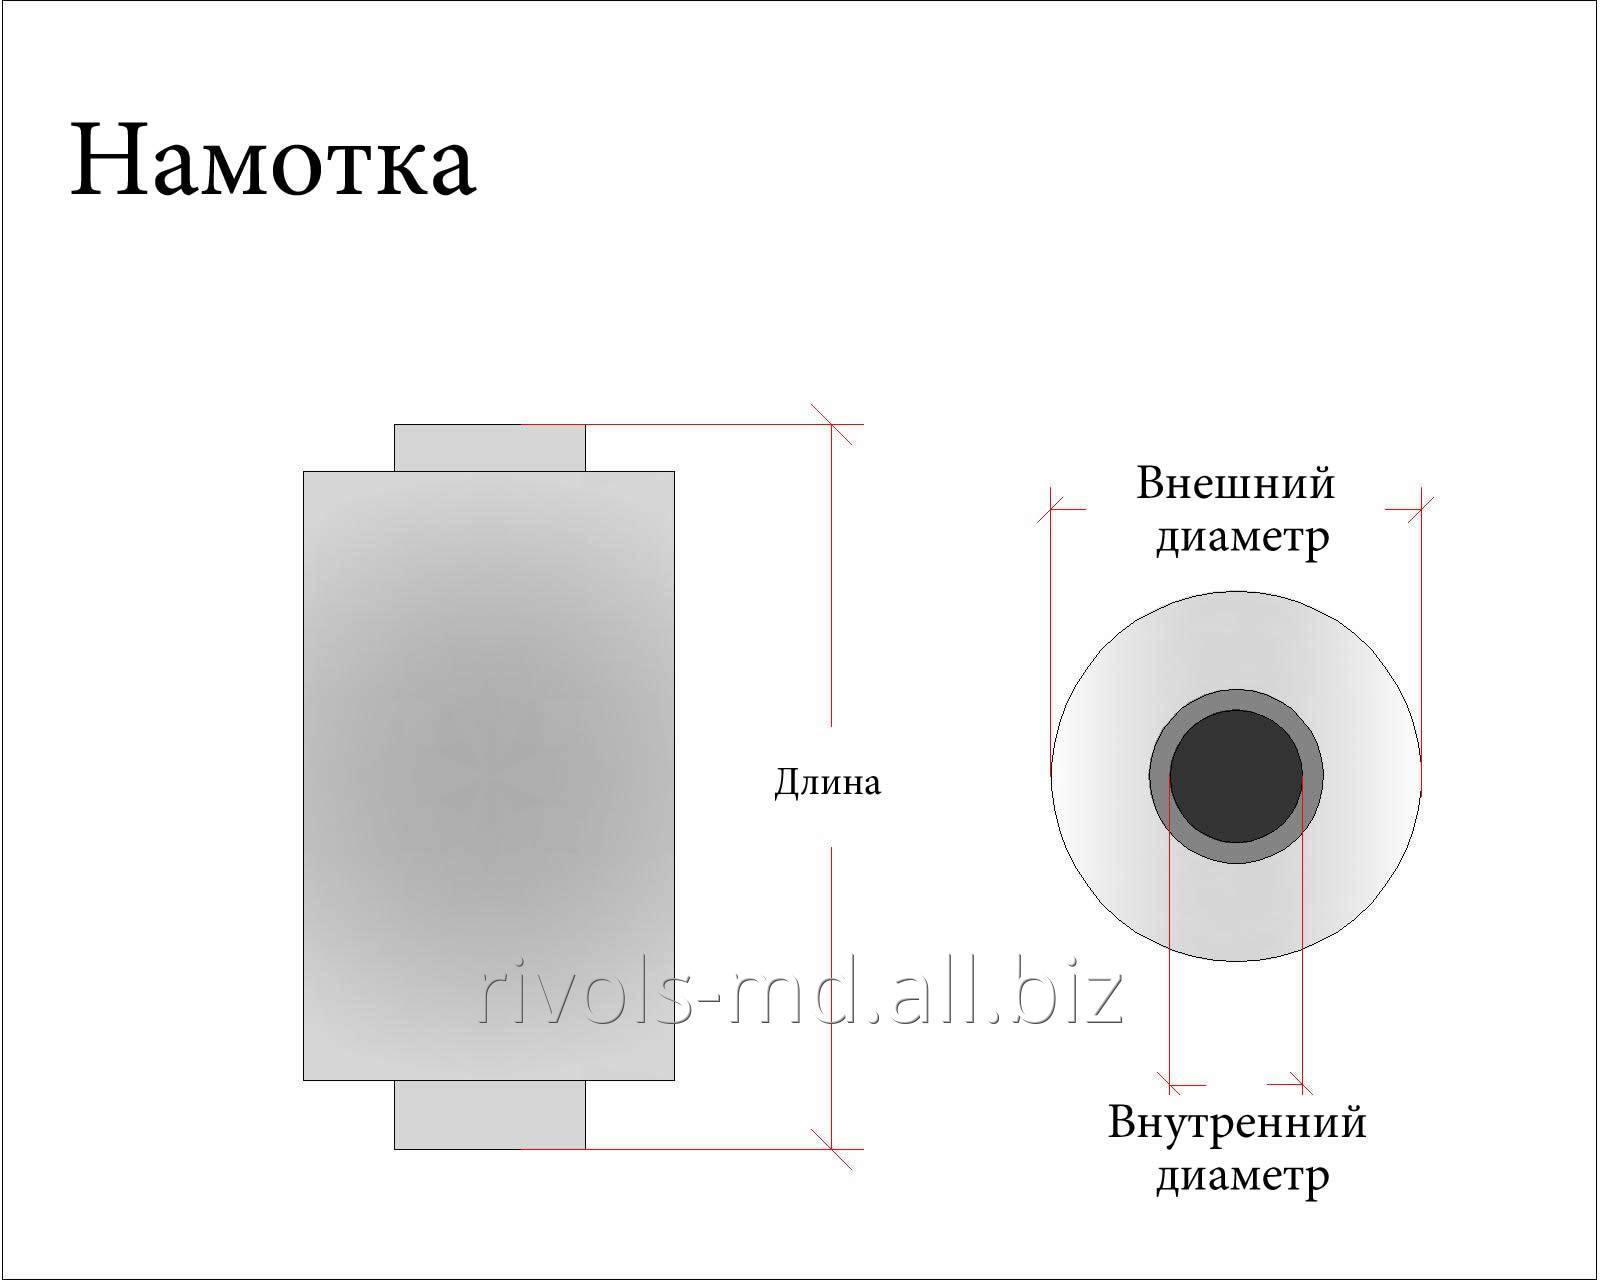 steklovolokno_ispolzuemoe_v_kachestve_uprochnyayushhego_elementa_coats_glasmo_sm_vo